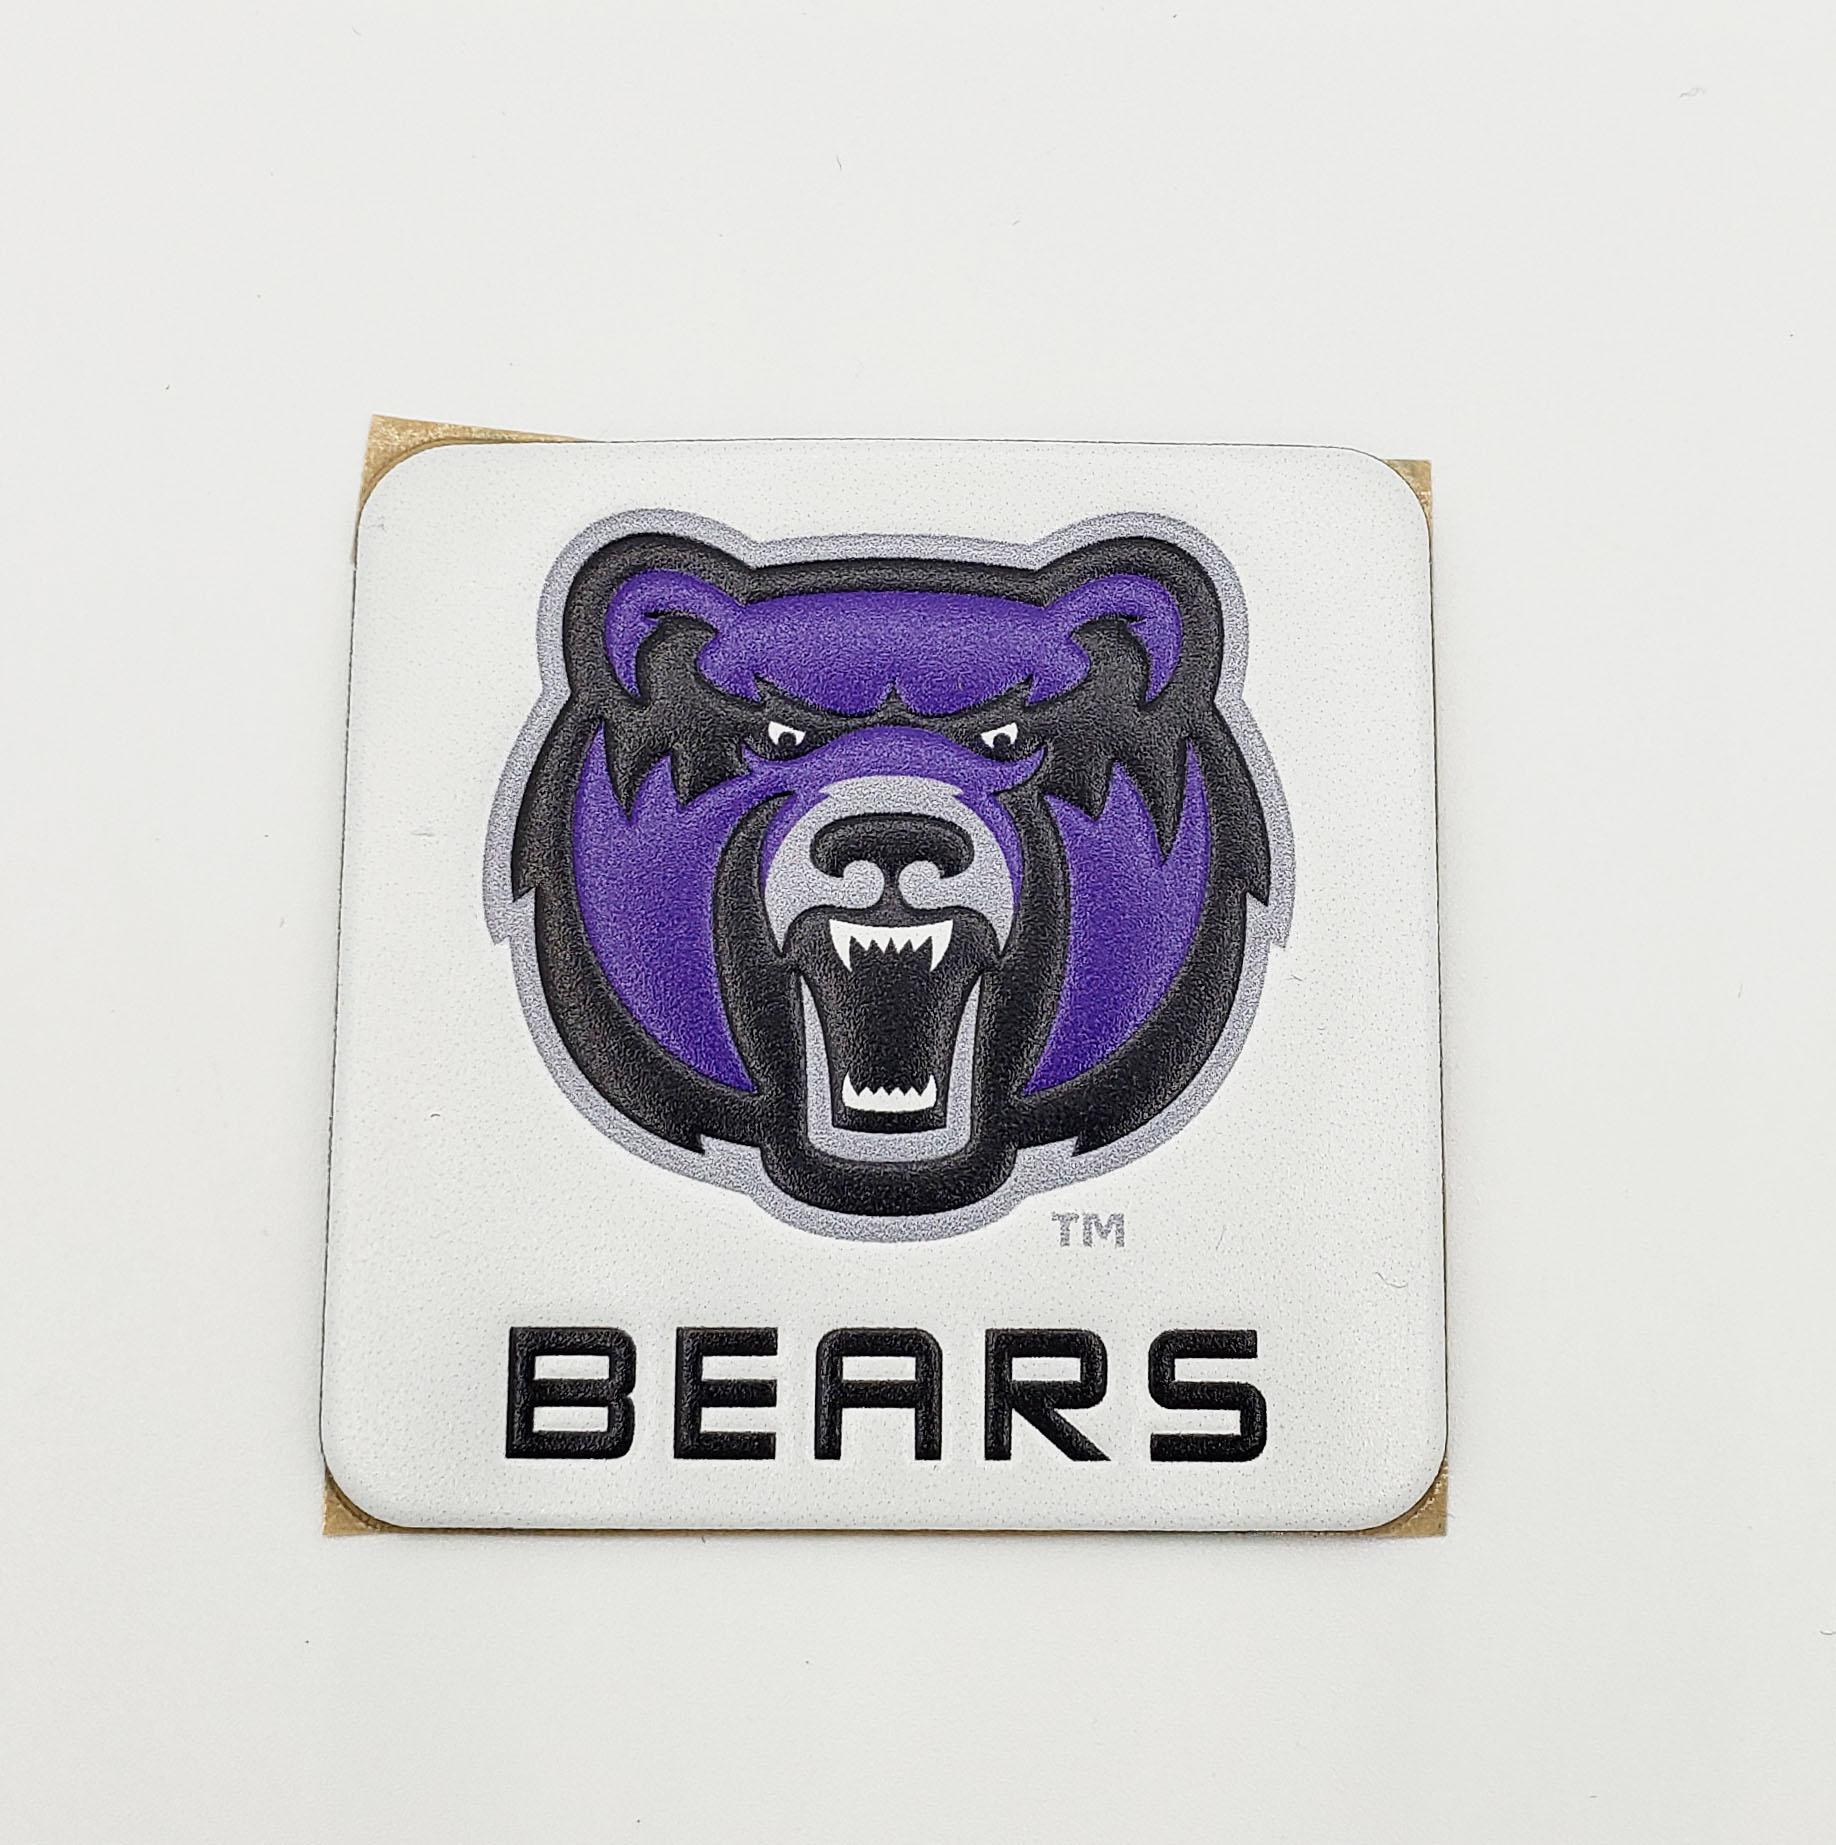 Flex Bear Sticker